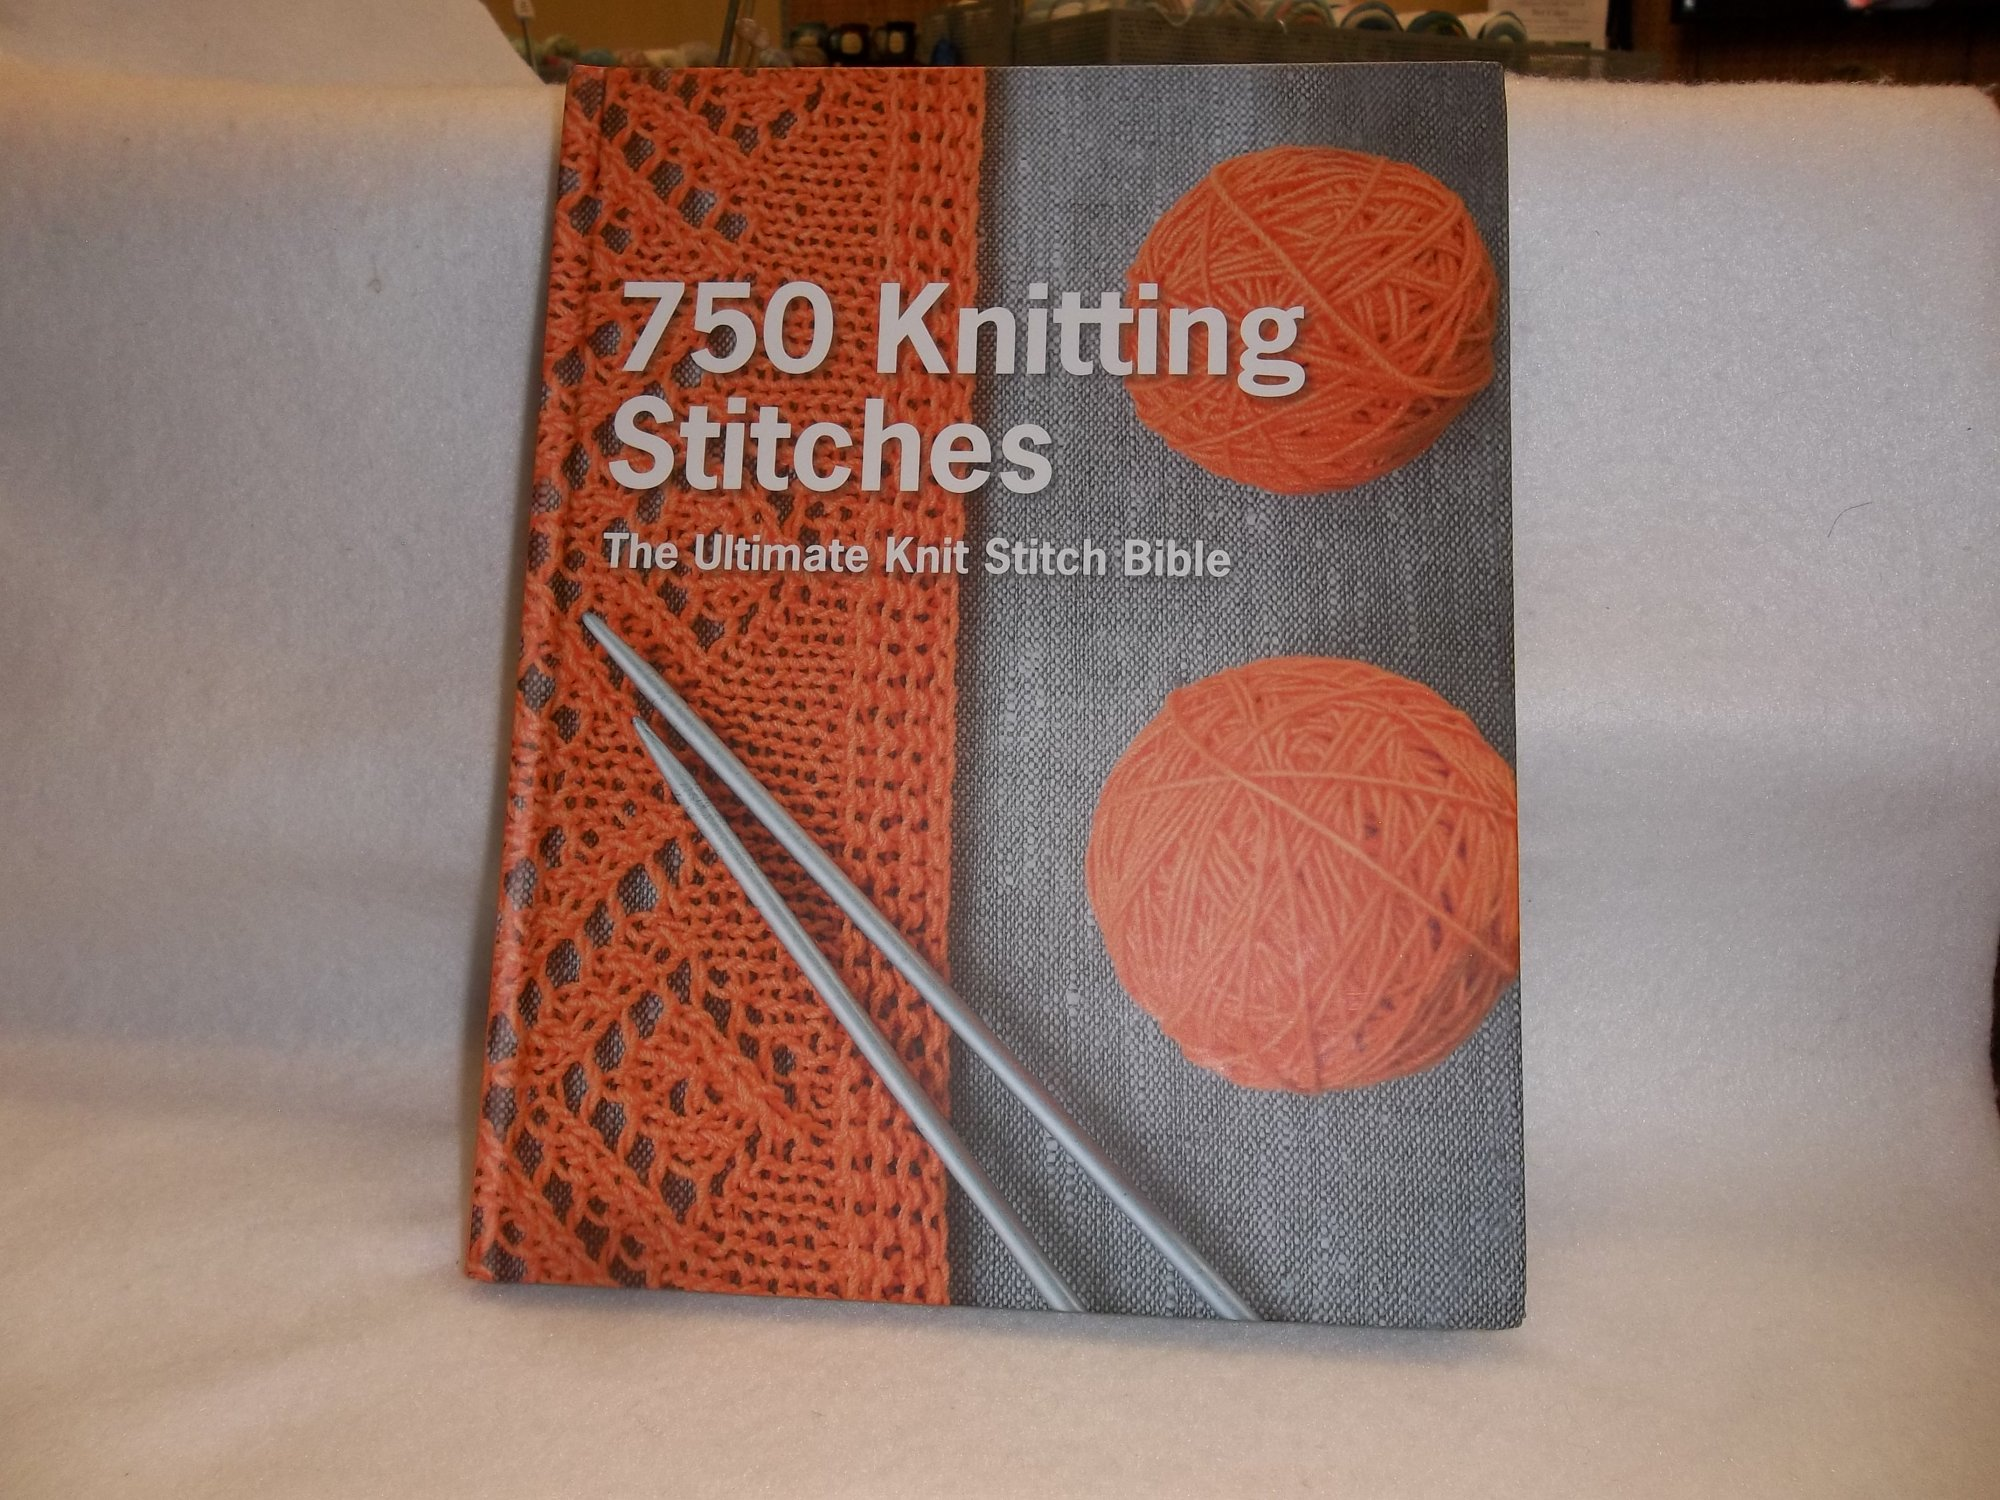 750 Knitting Stitches - The Ultimate Stitch Bible